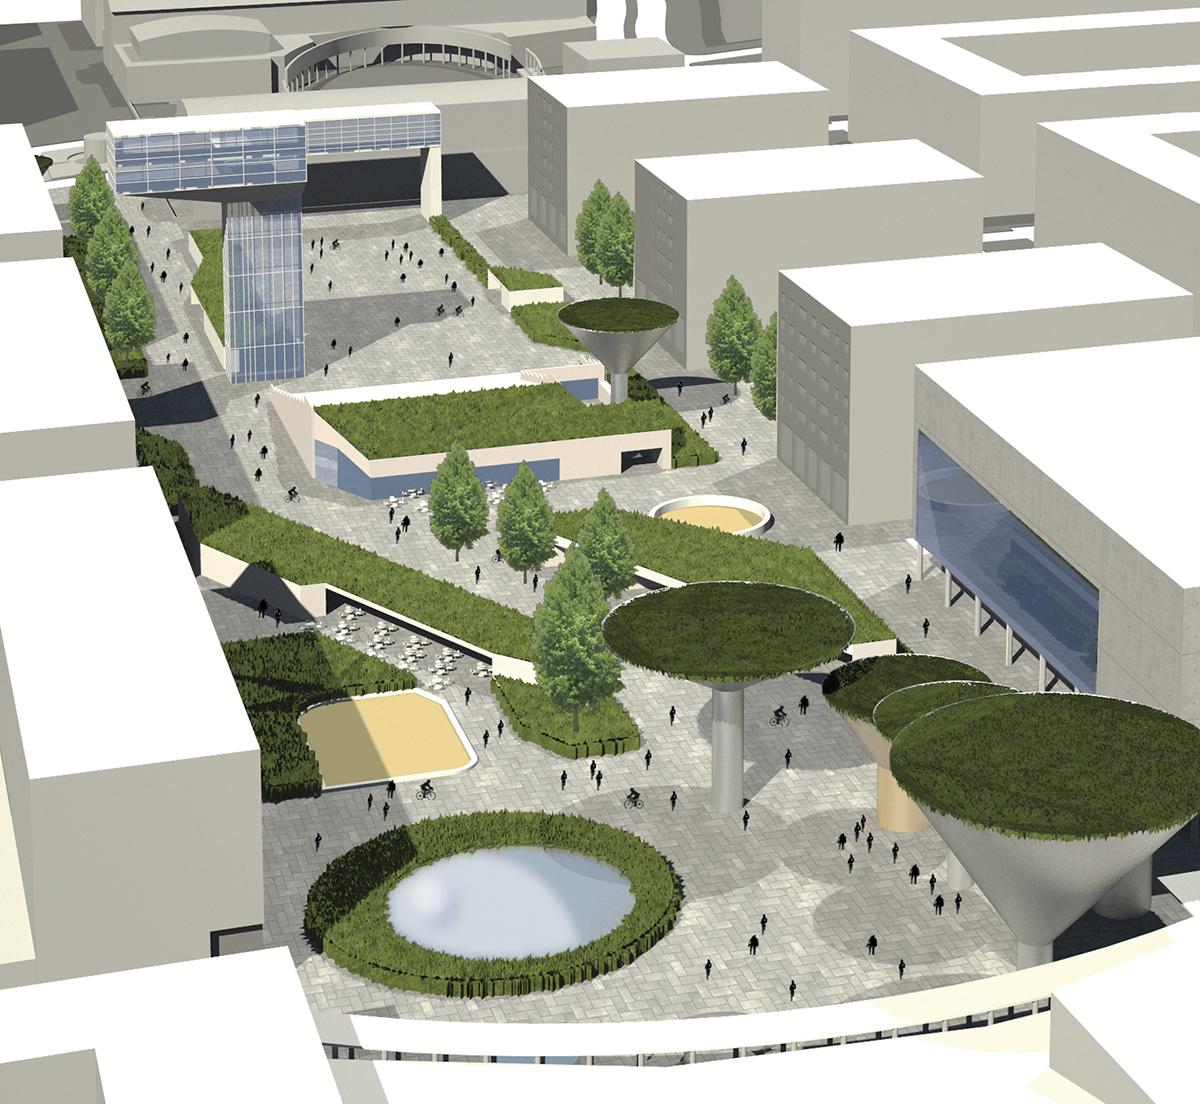 Concurso para la remodelación de la plaza central de Tres Cantos | Imagen de proyecto1